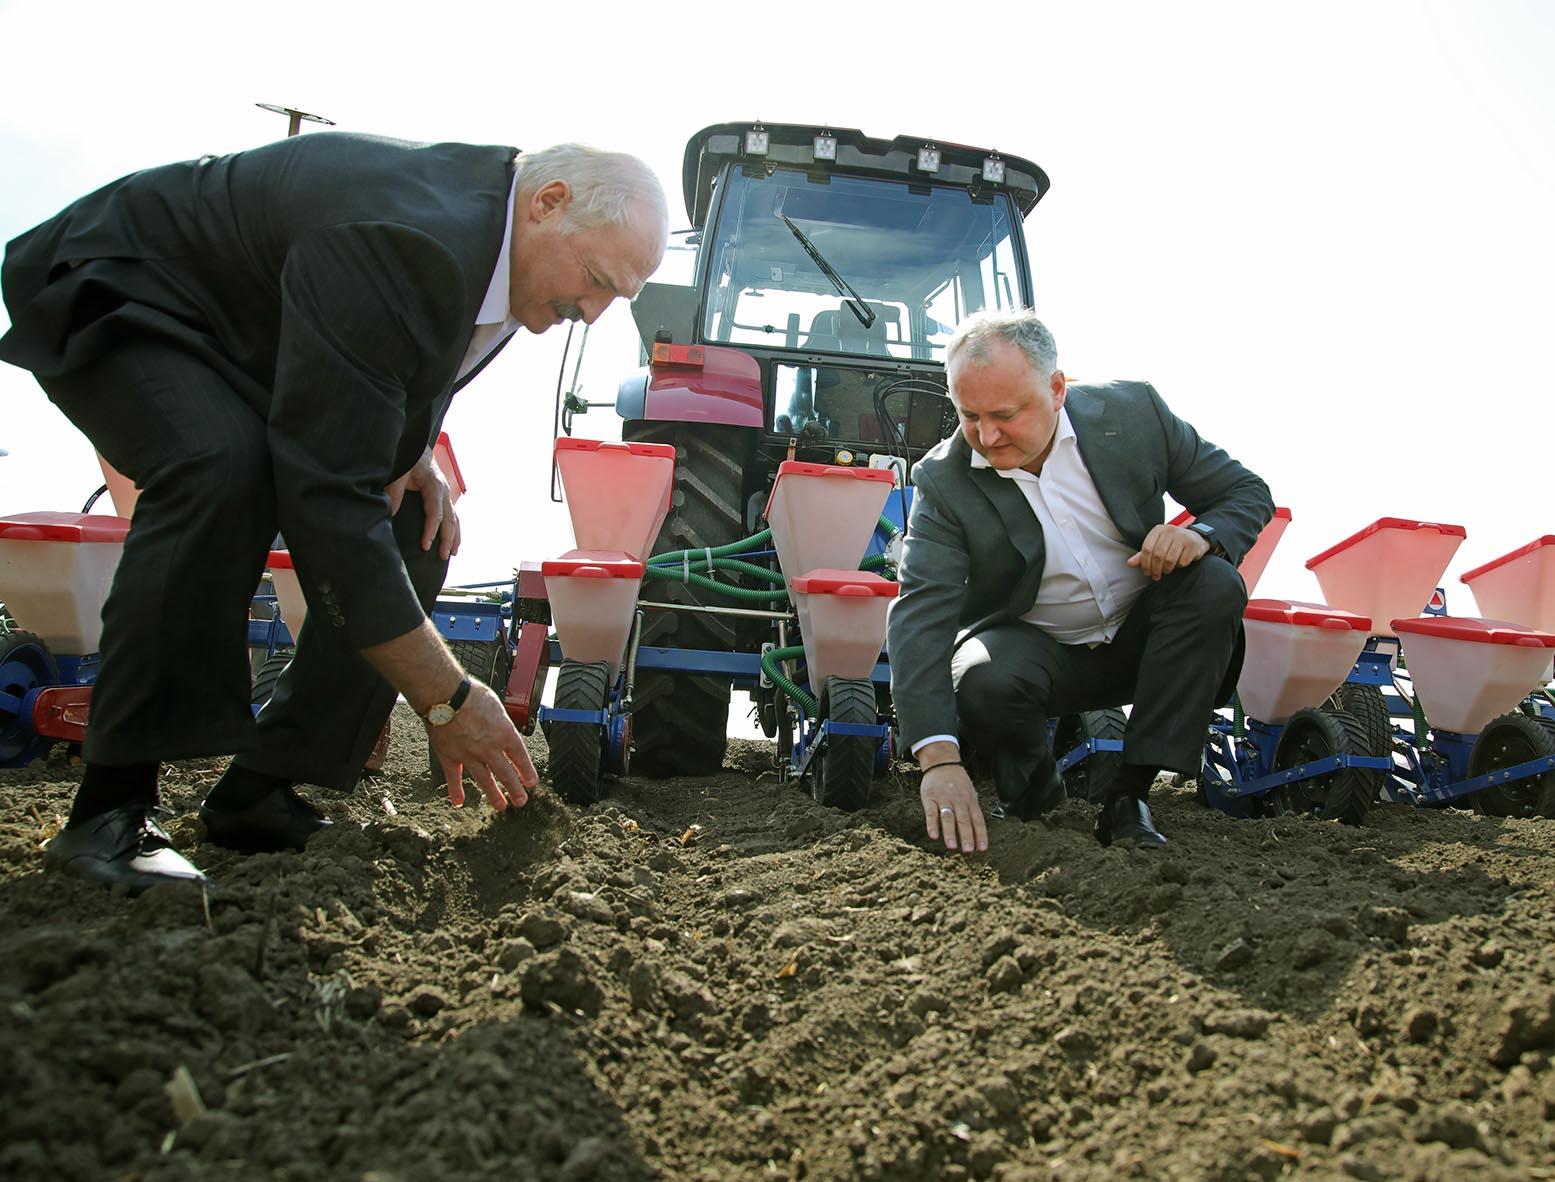 Додон и Лукашенко вместе засеяли несколько рядов кукурузы в Криулянах (ВИДЕО)